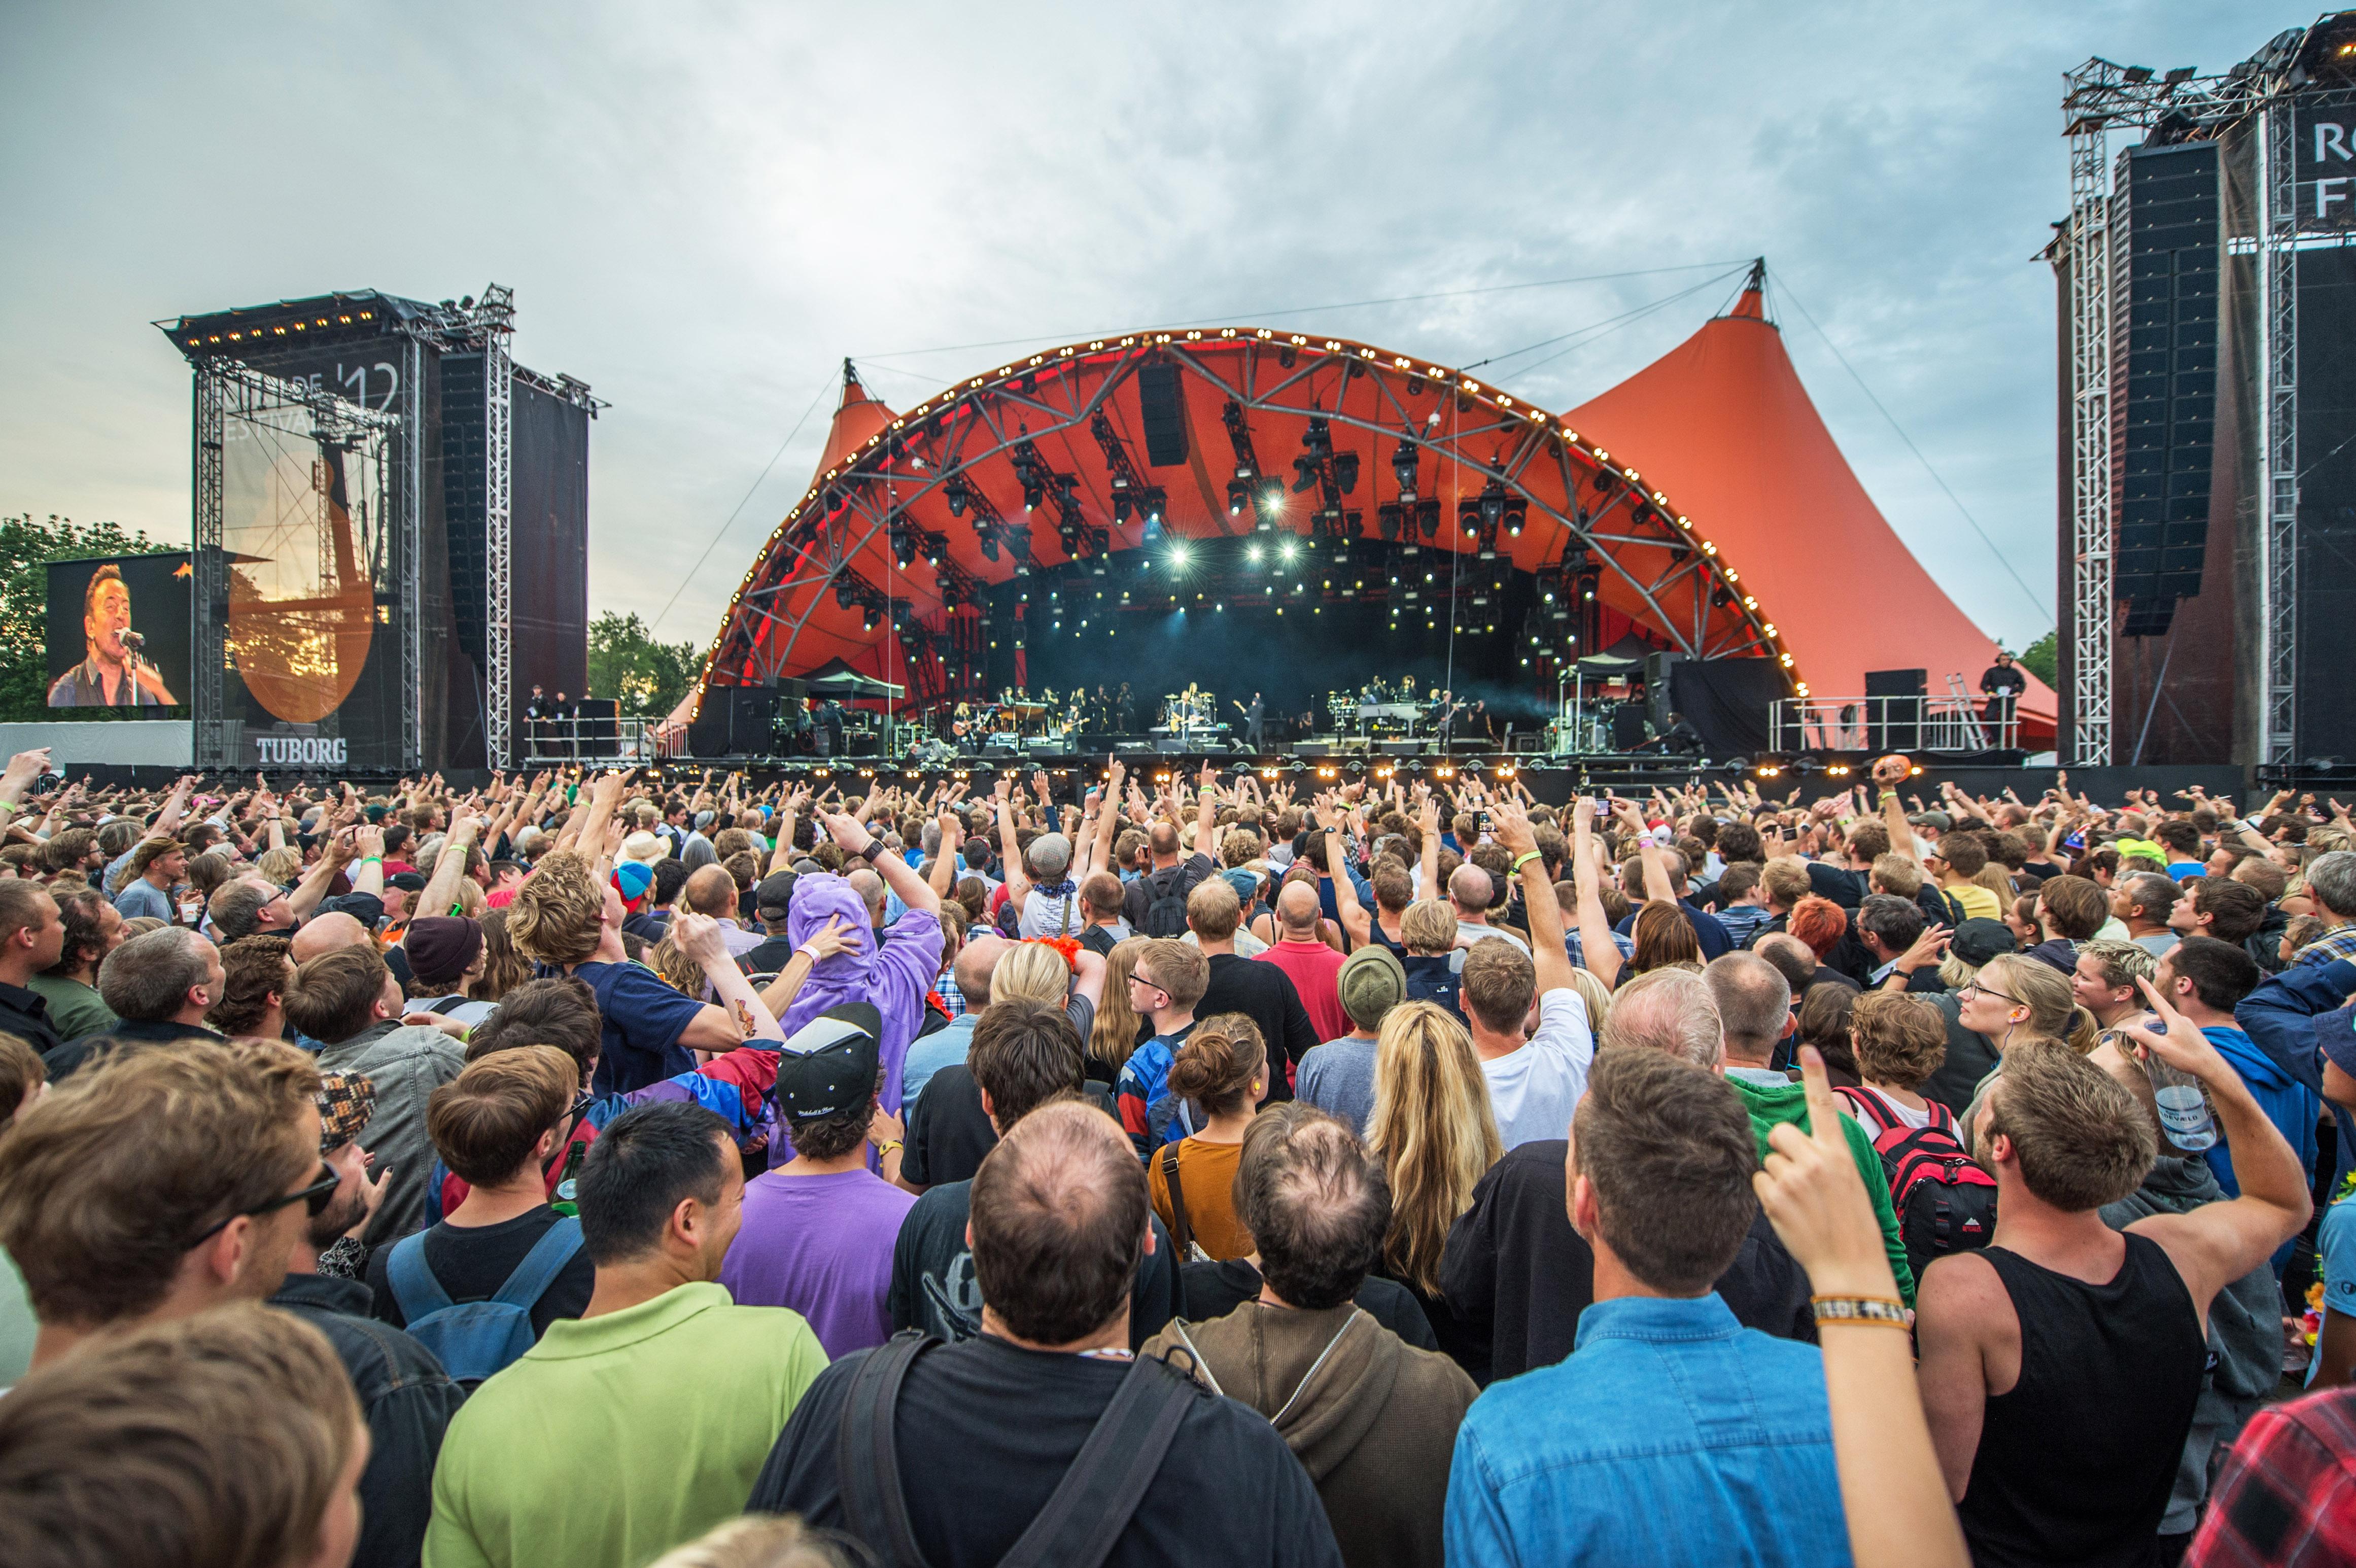 arena roskilde festival